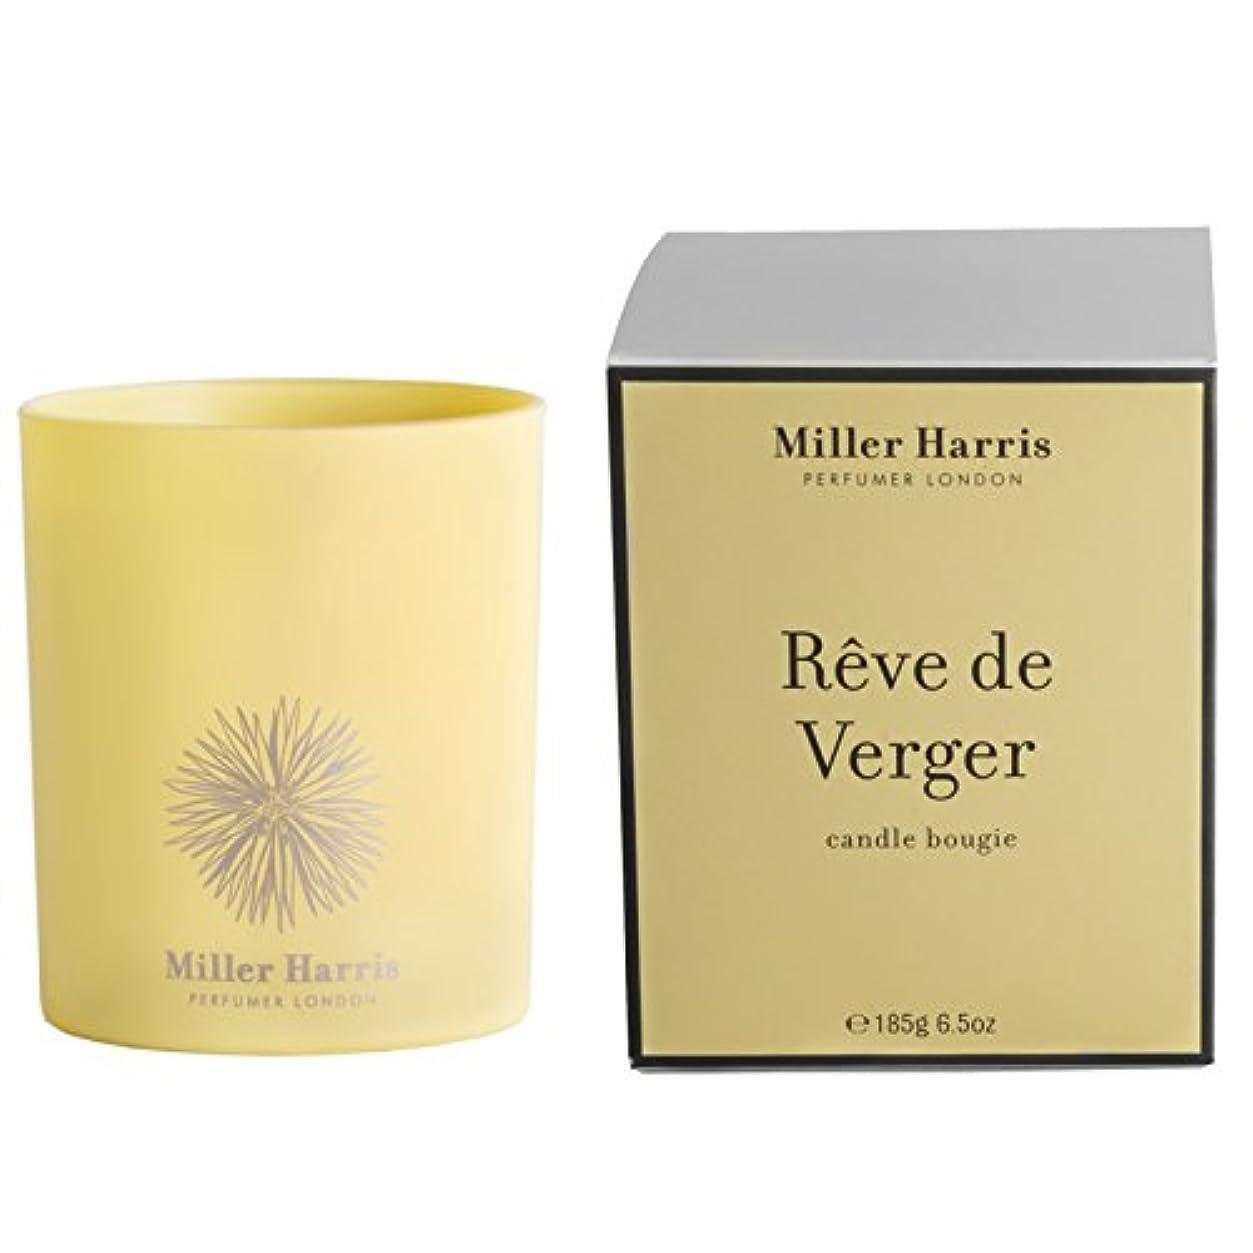 政府配送輝度ミラーハリス Candle - Reve De Verger 185g/6.5oz並行輸入品